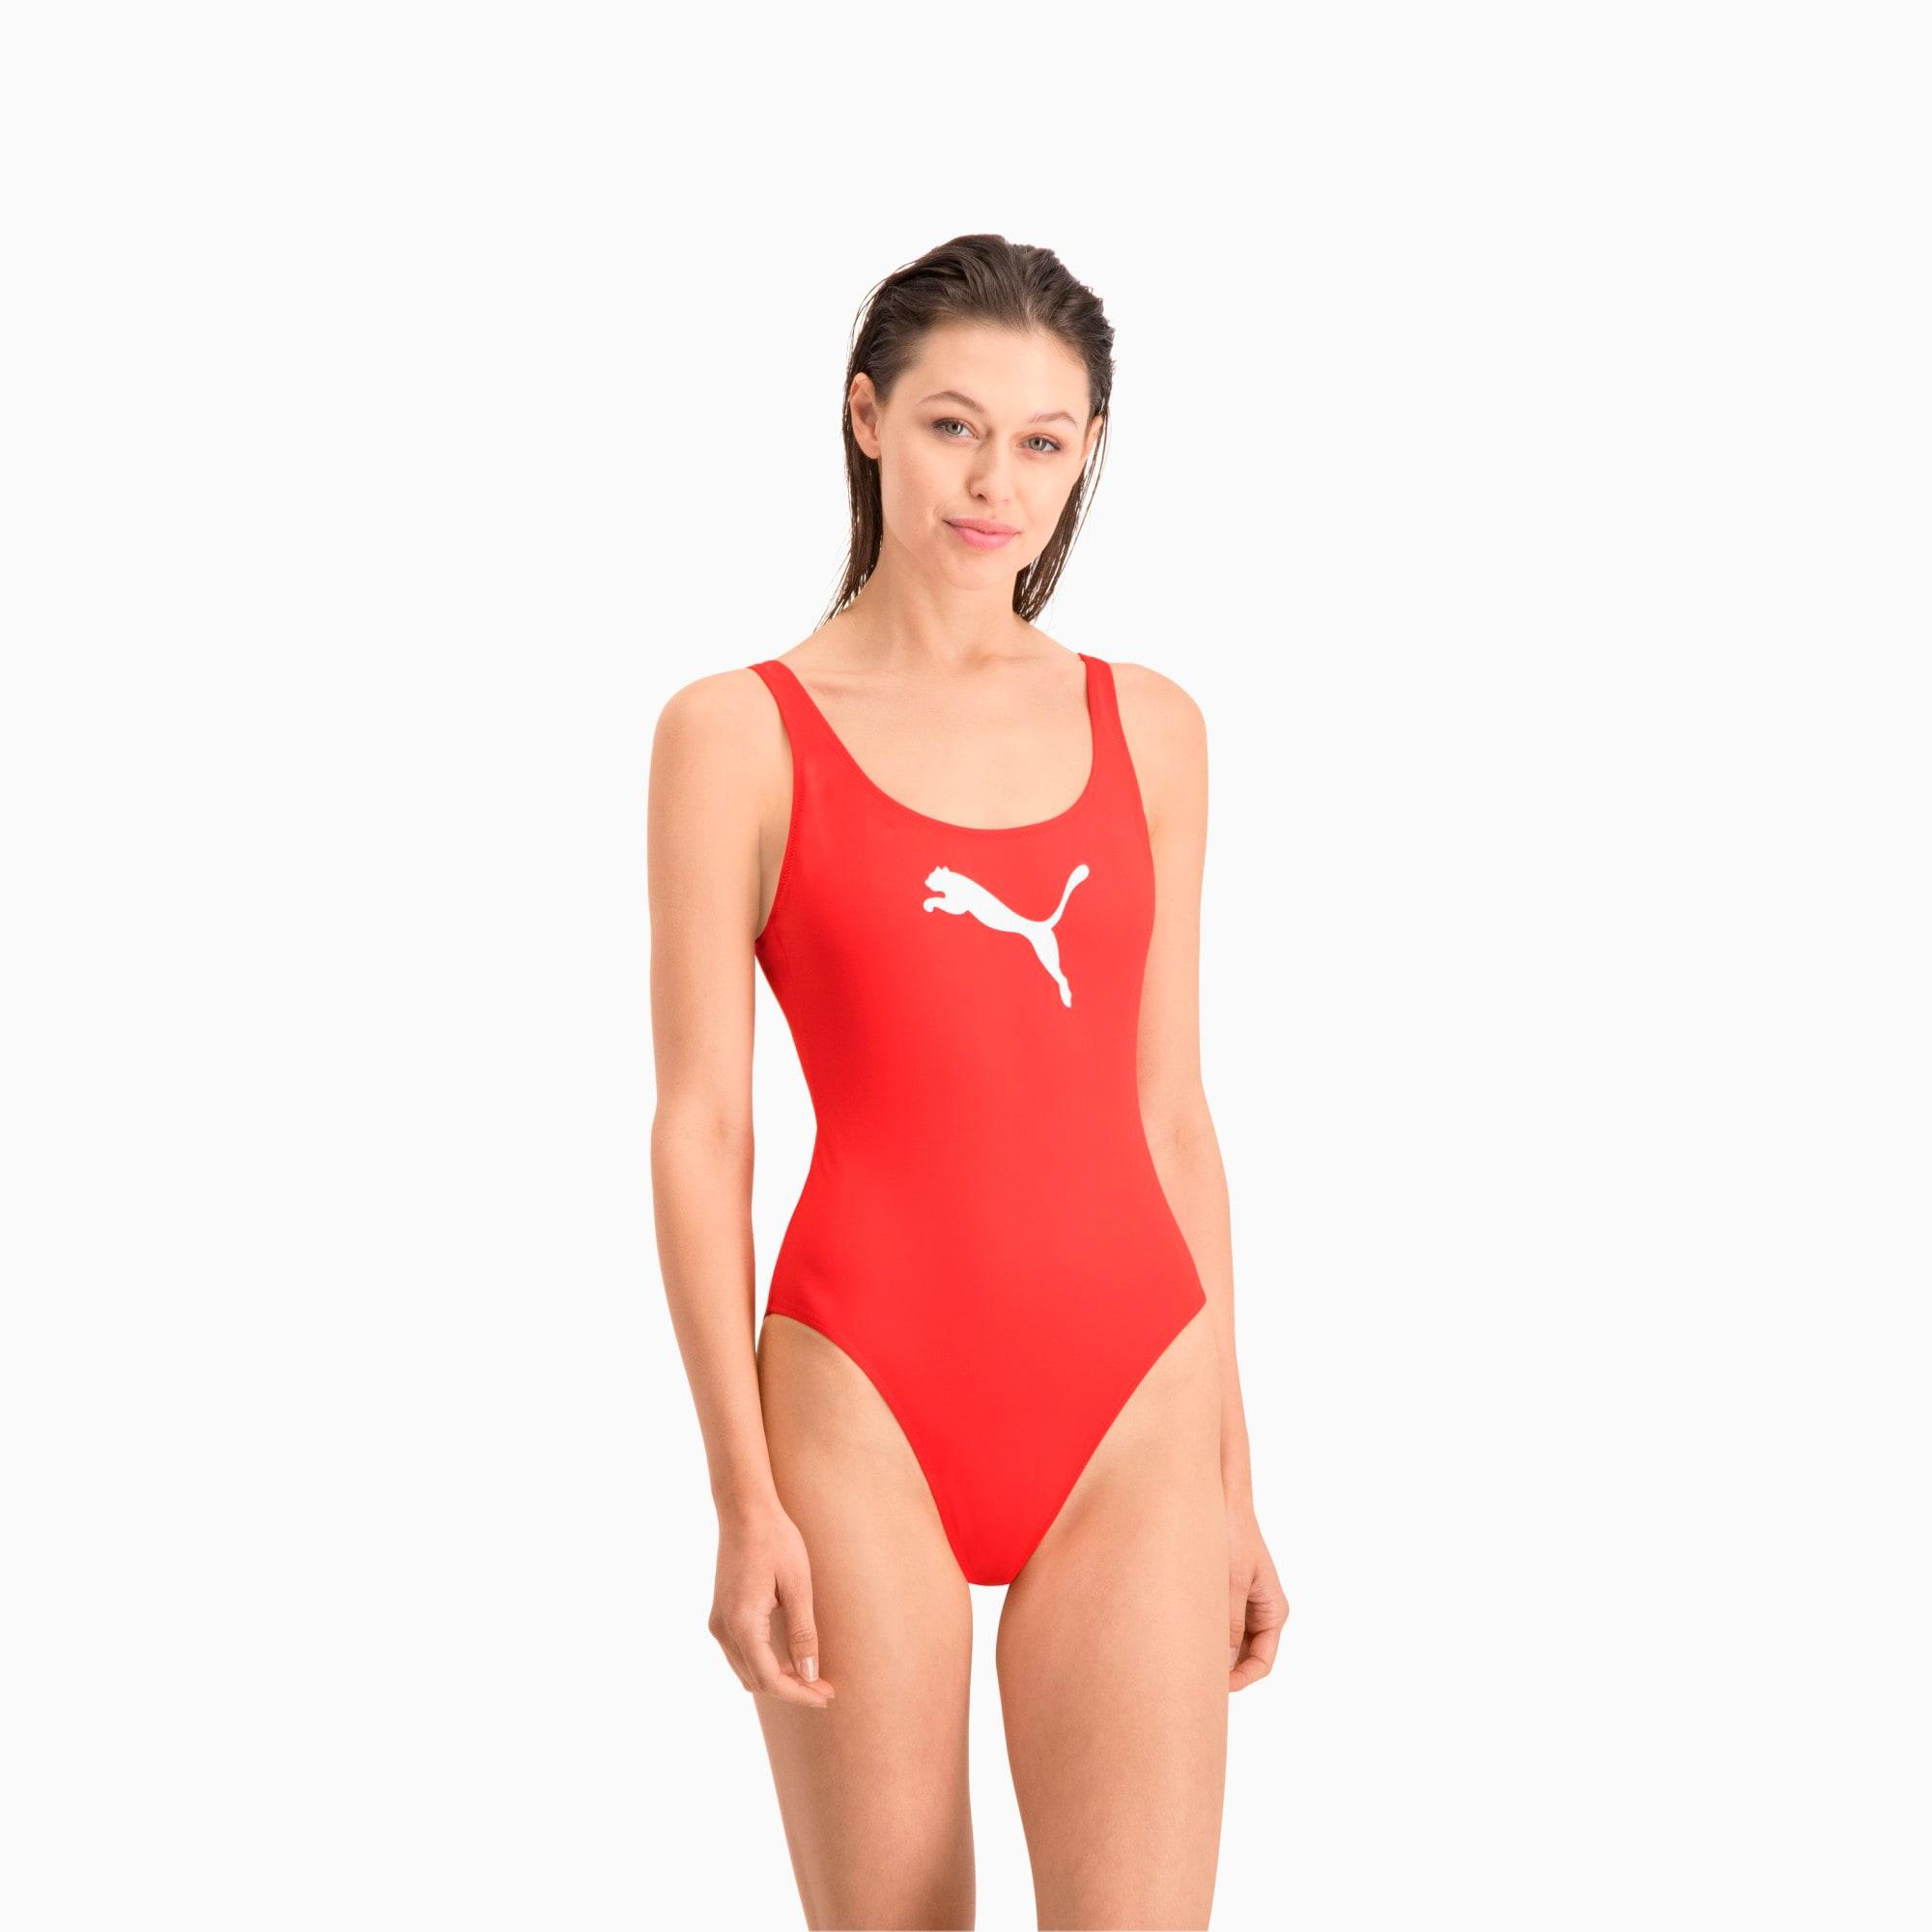 Maillot de bain Swim, Rouge, Taille XS, Vêtements - PUMA - Modalova